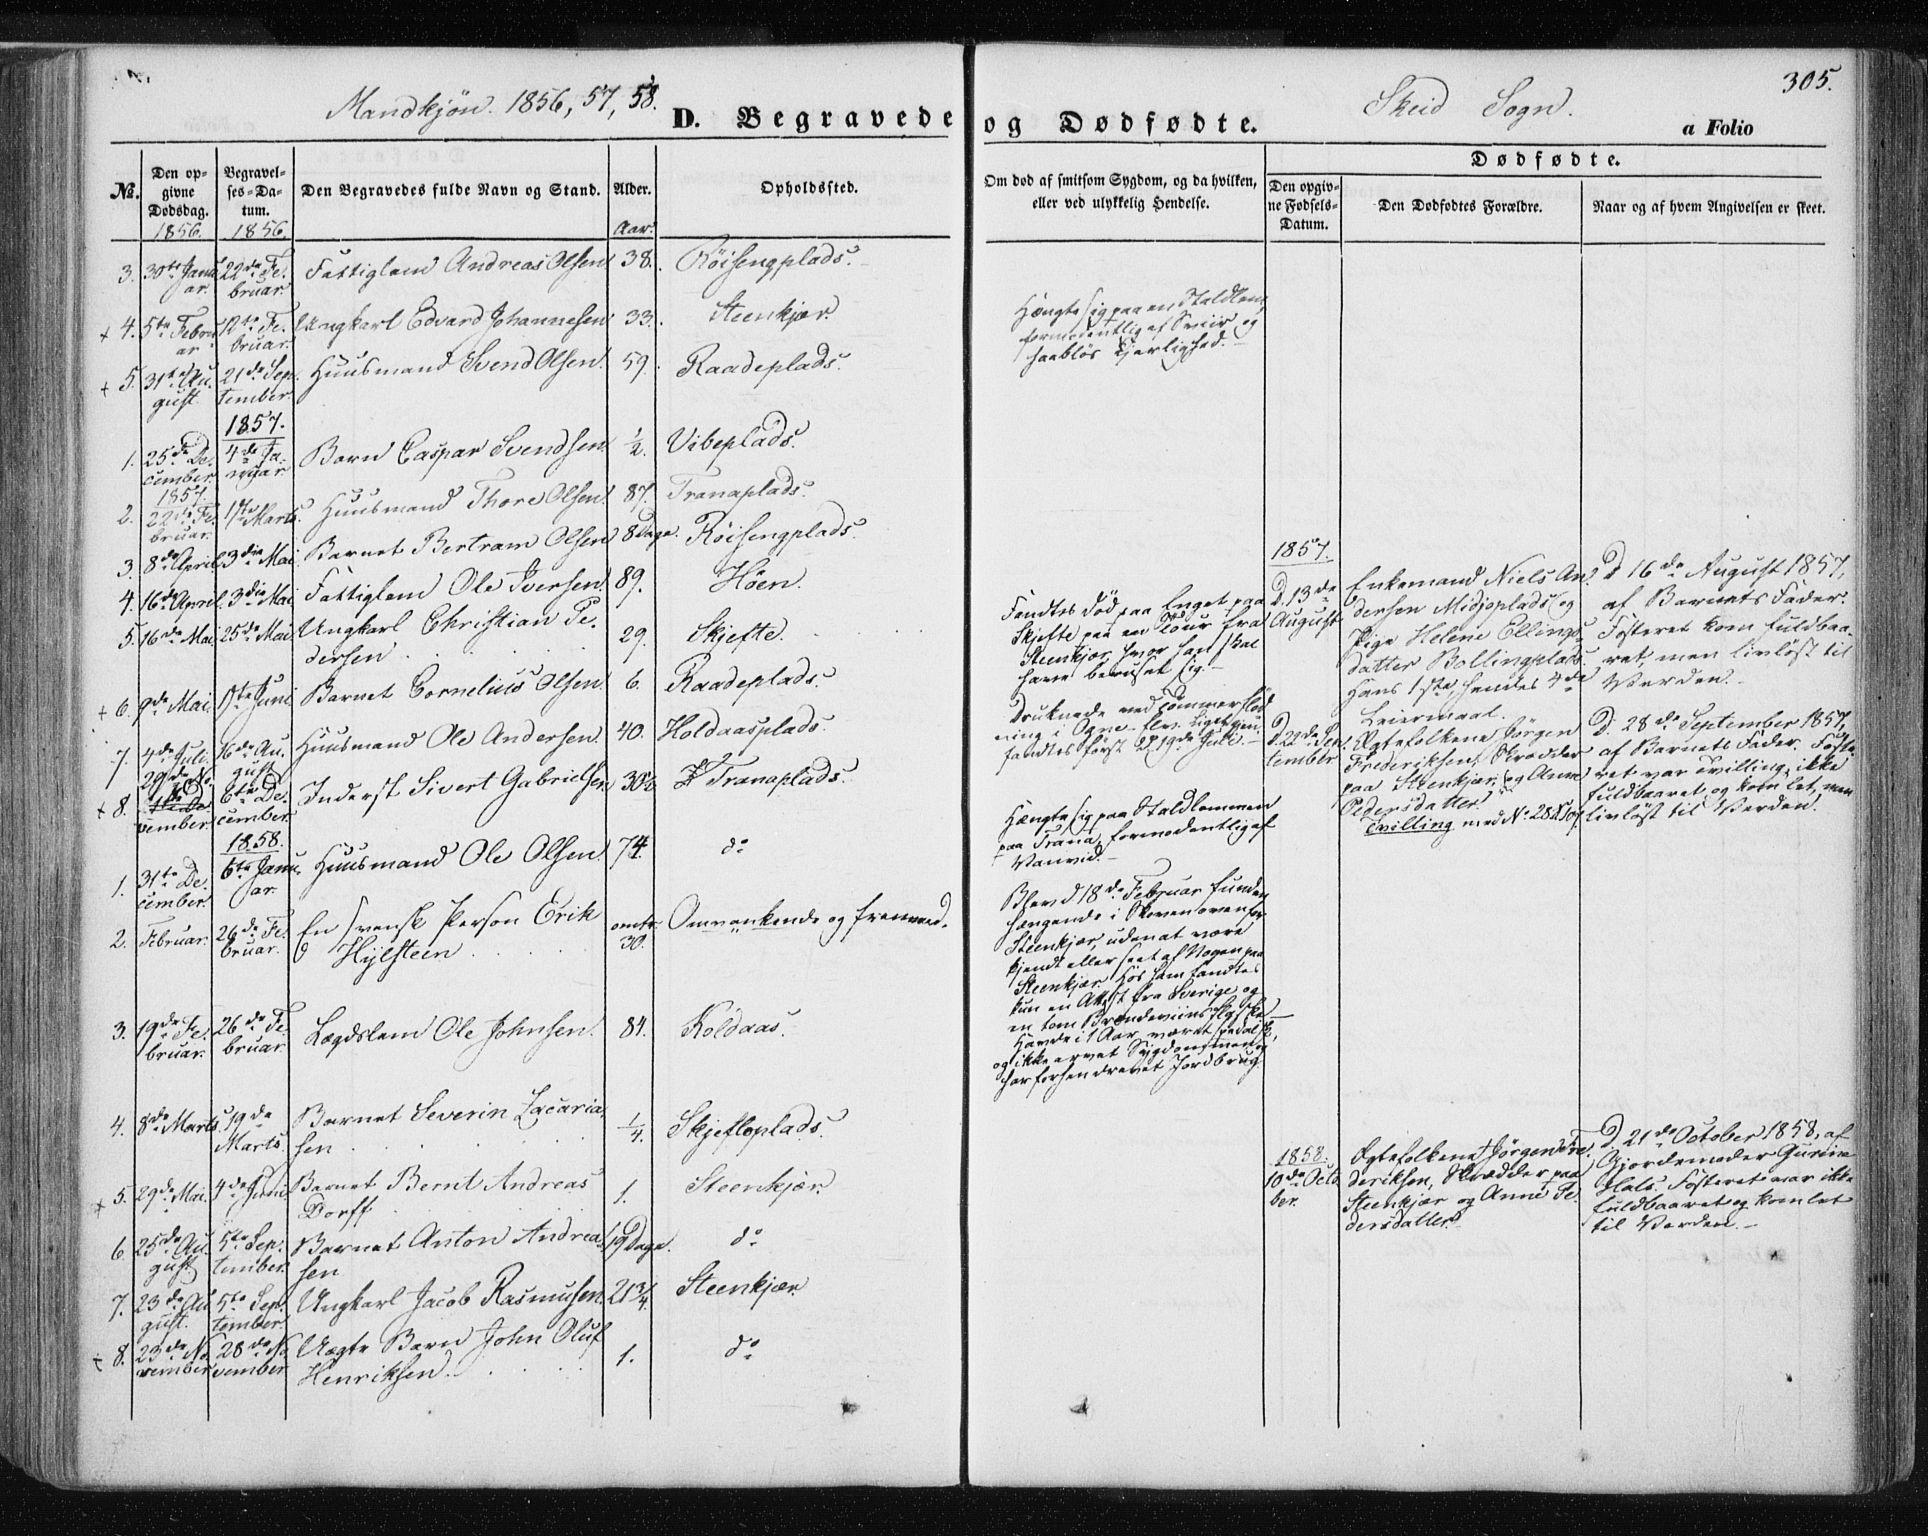 SAT, Ministerialprotokoller, klokkerbøker og fødselsregistre - Nord-Trøndelag, 735/L0342: Ministerialbok nr. 735A07 /2, 1849-1862, s. 305